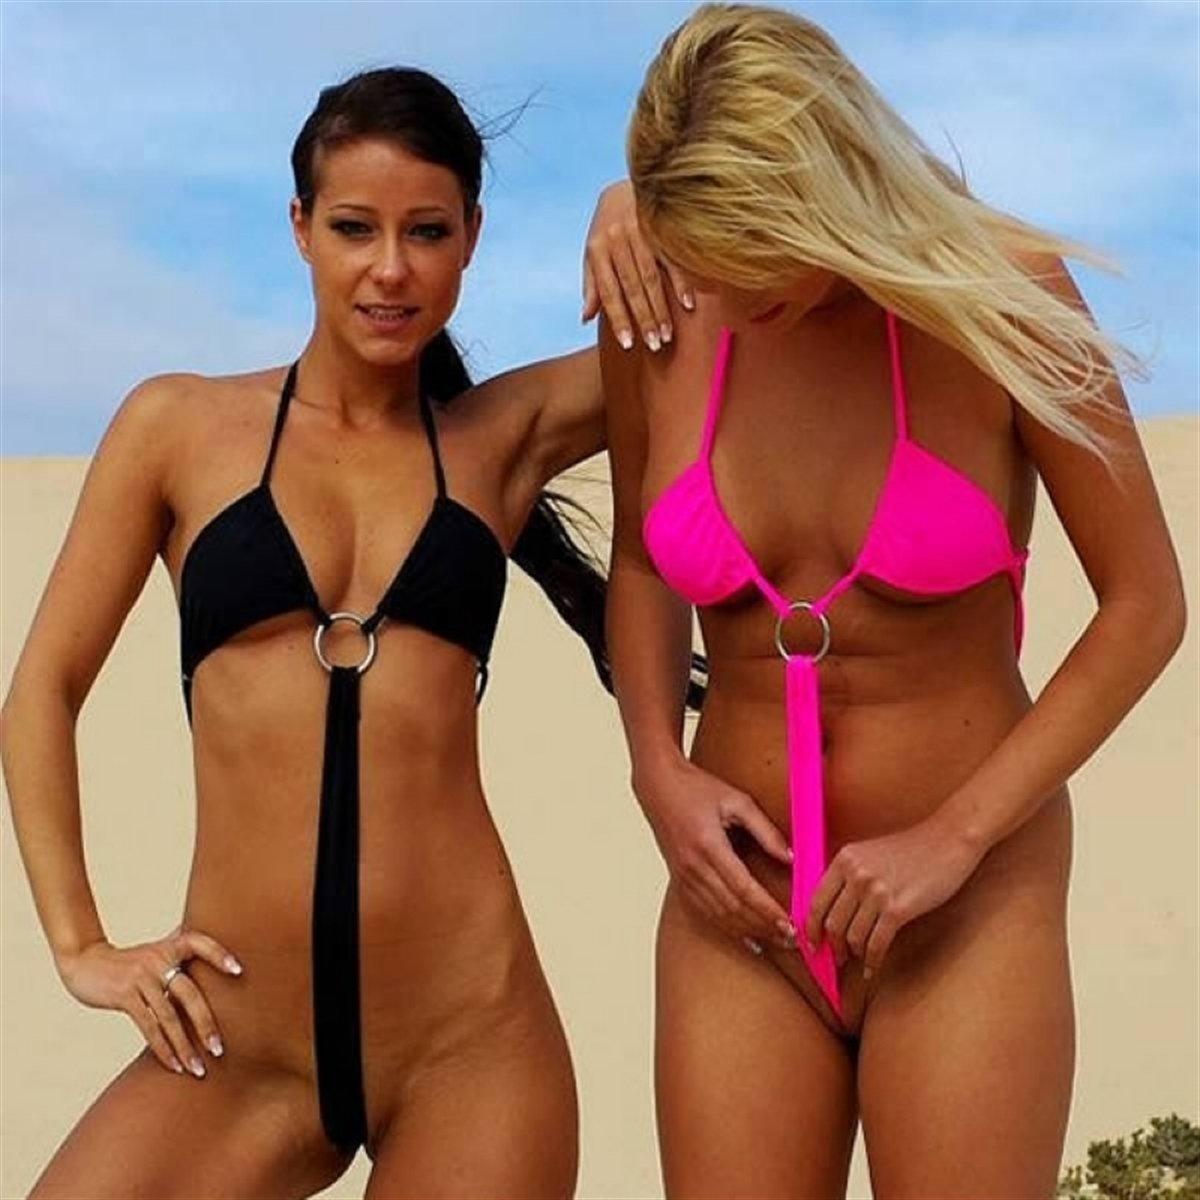 это классное экстремальные бикини на пляже фото кисти руки